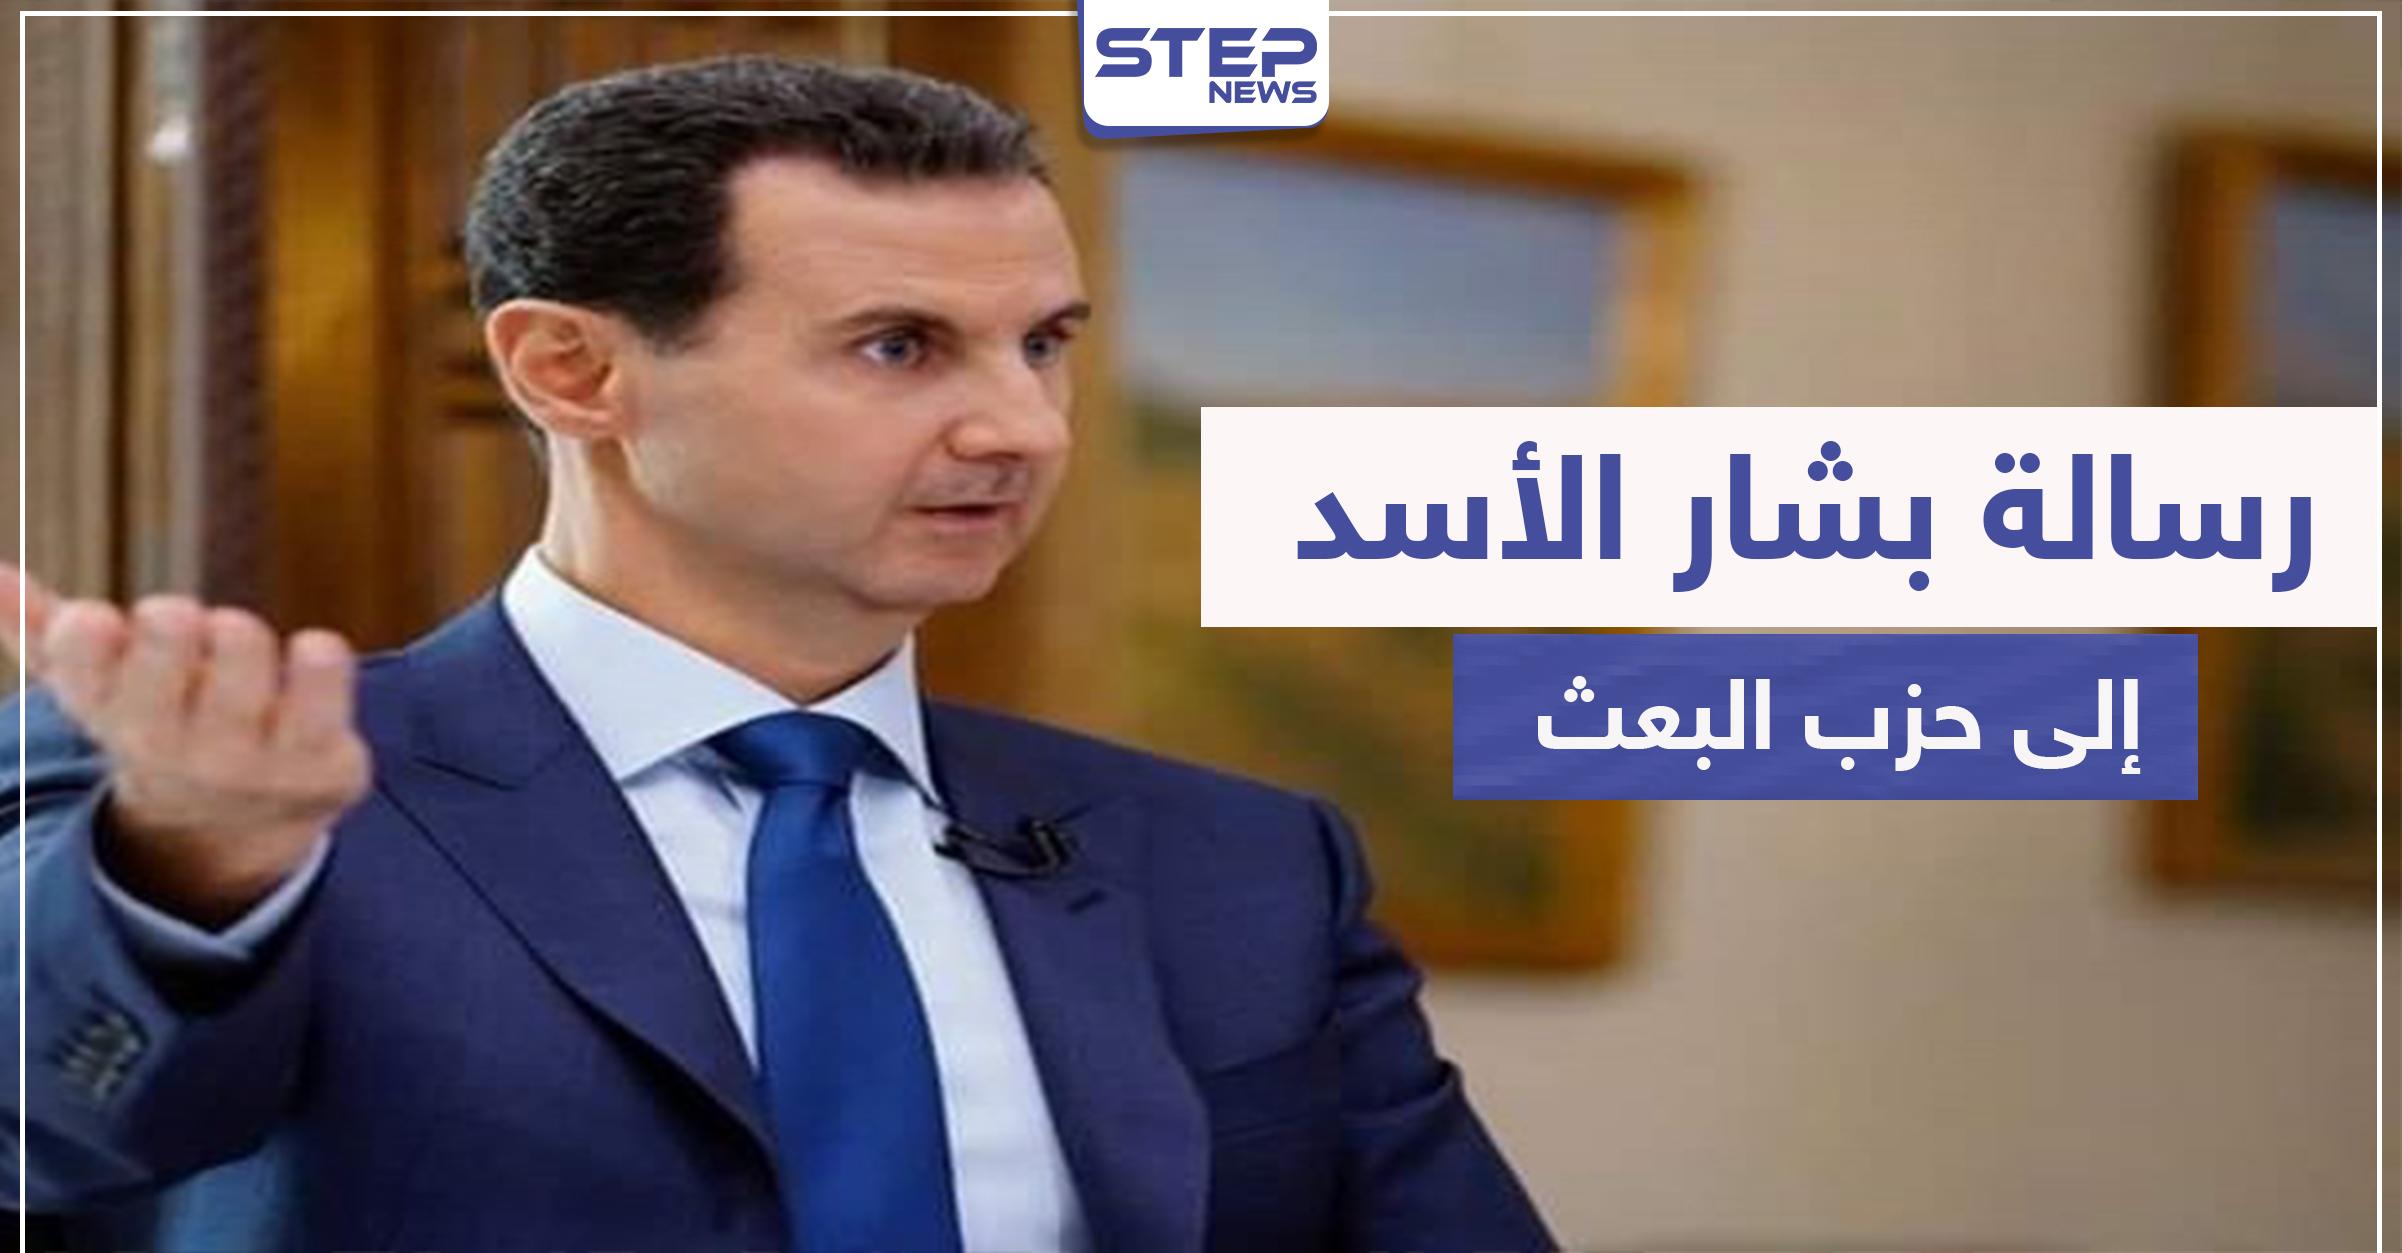 بشار الأسد يكشف سبب الثورة على نظامه ويوضح طريقته بالتعامل مع الأزمة الاقتصادية